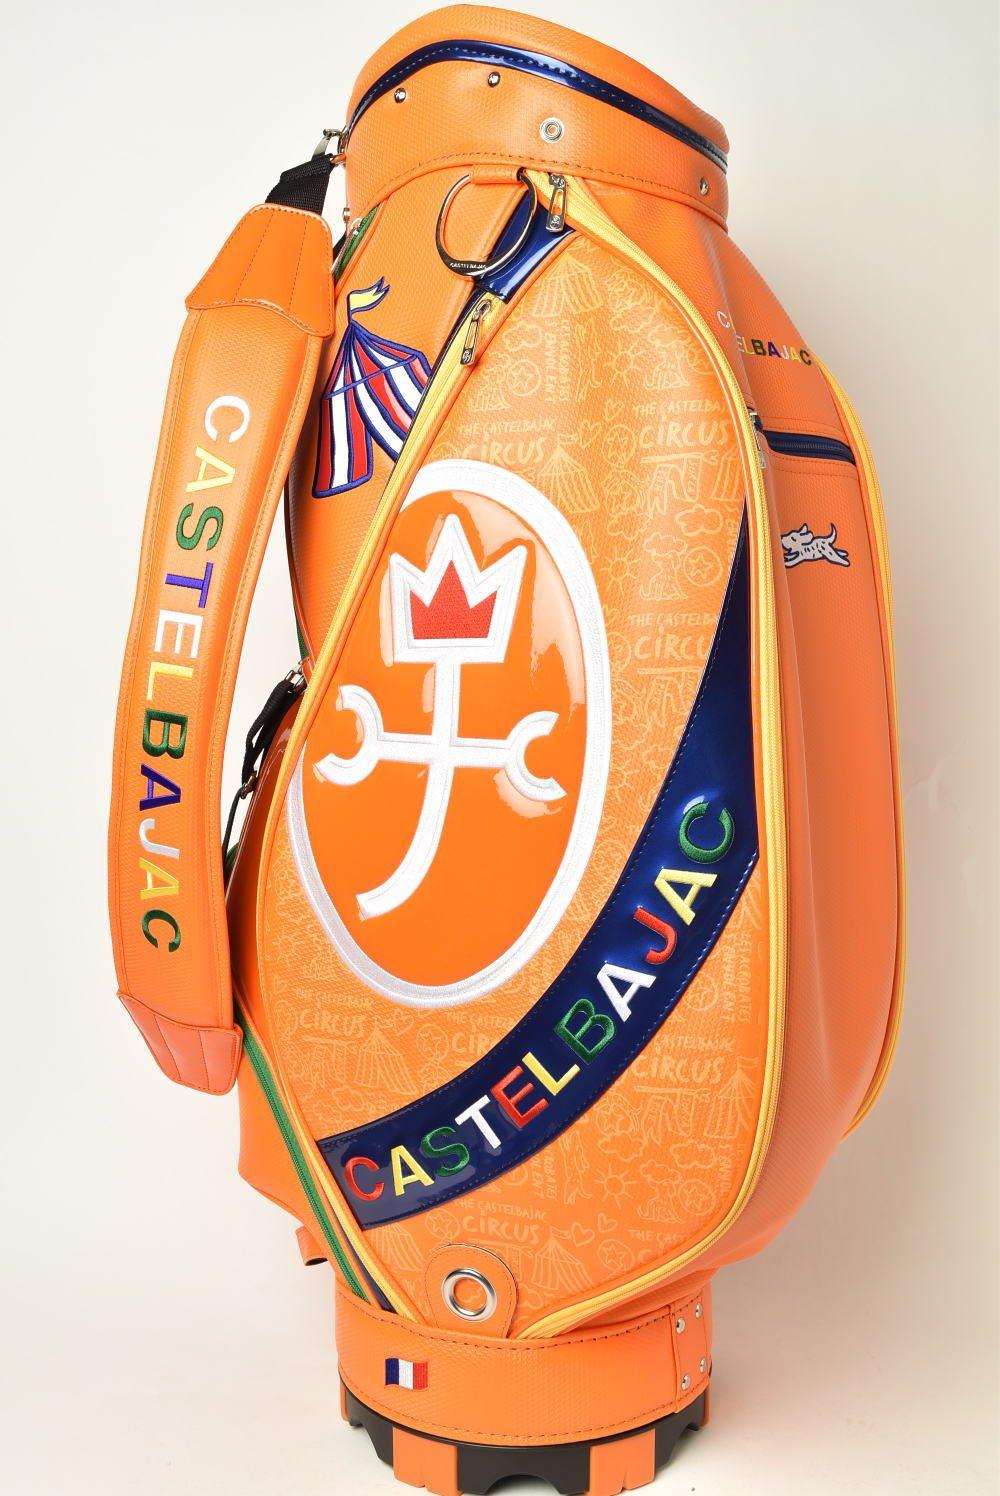 (カステルバジャック) CASTELBAJAC キャディバッグ メンズ スポーツ ゴルフ 23603-305 B07CKKQJZ8 オレンジ(20) オレンジ(20)